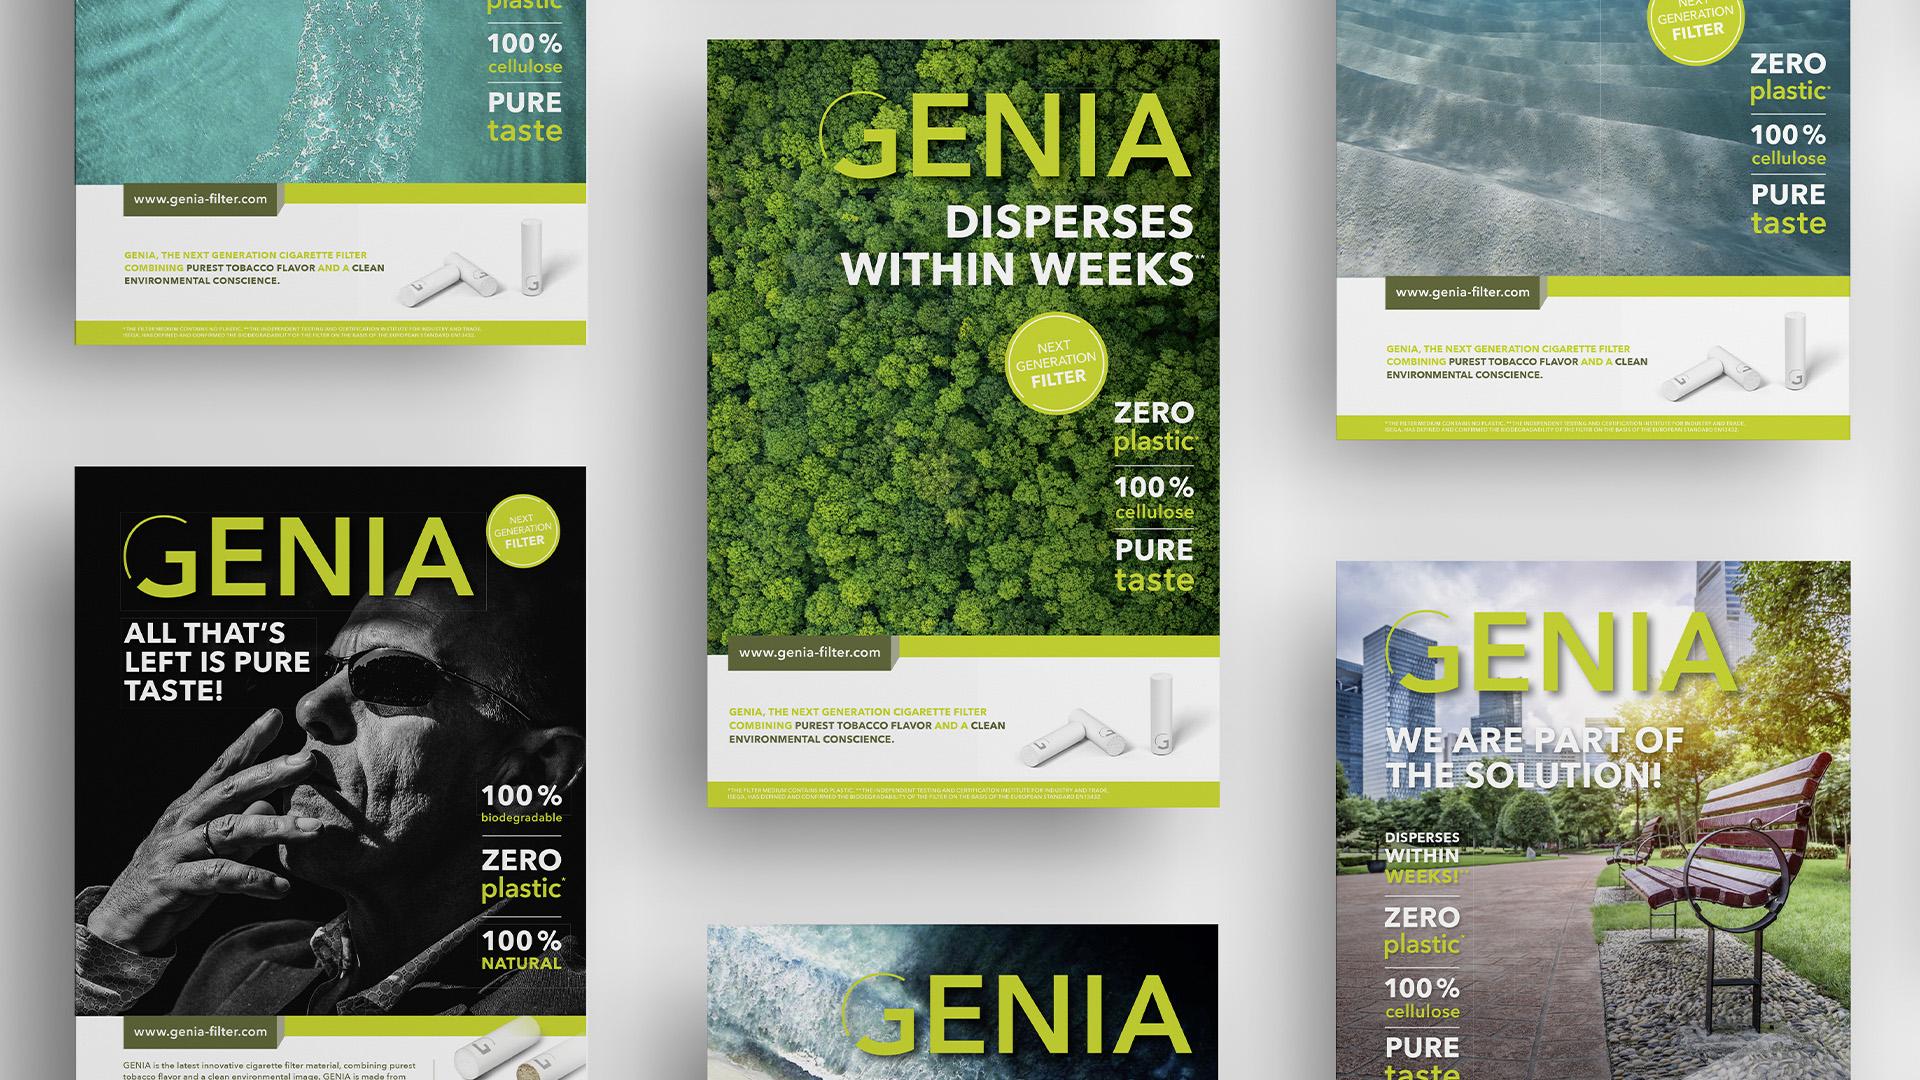 Genia Filter Anzeigen